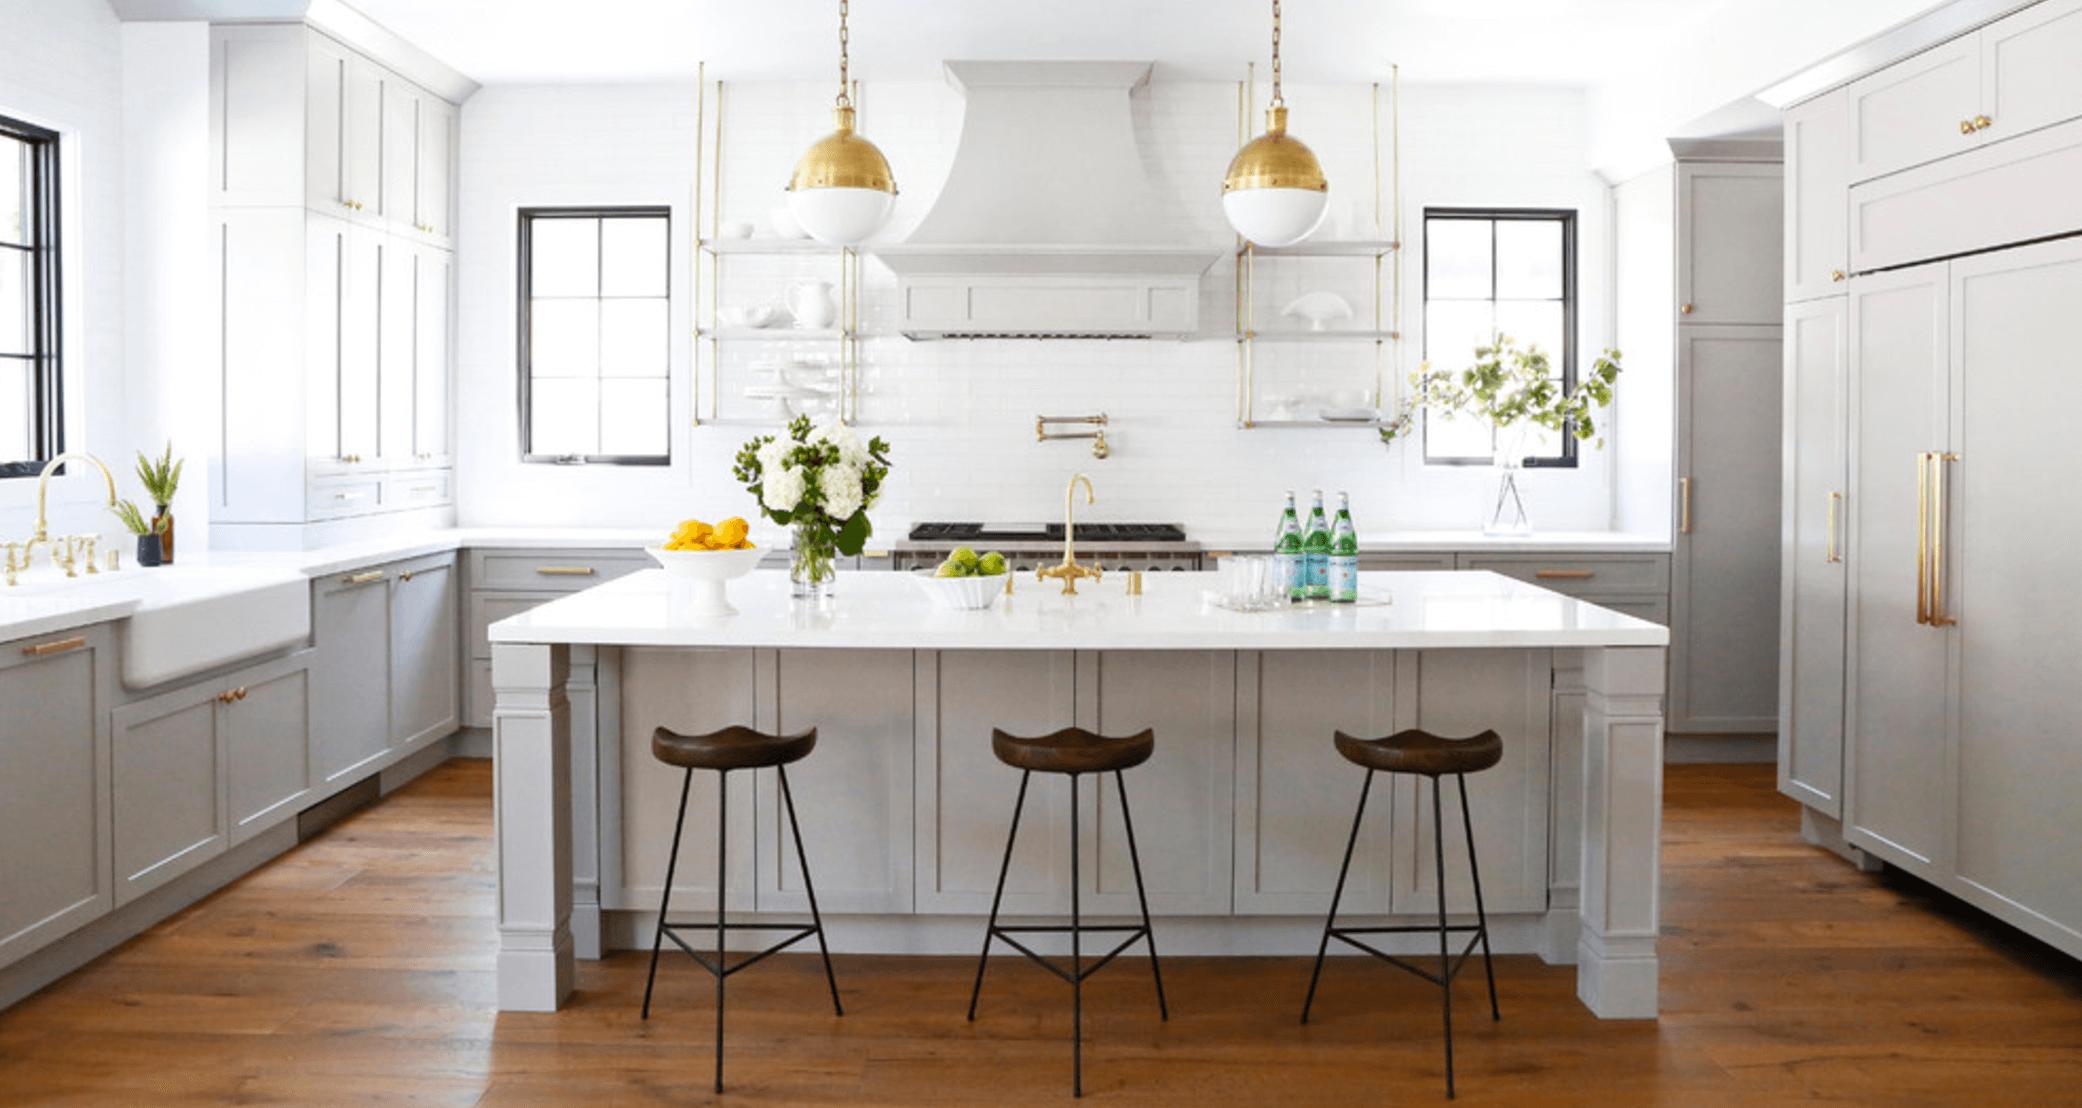 Преображение кухни: барная стойка